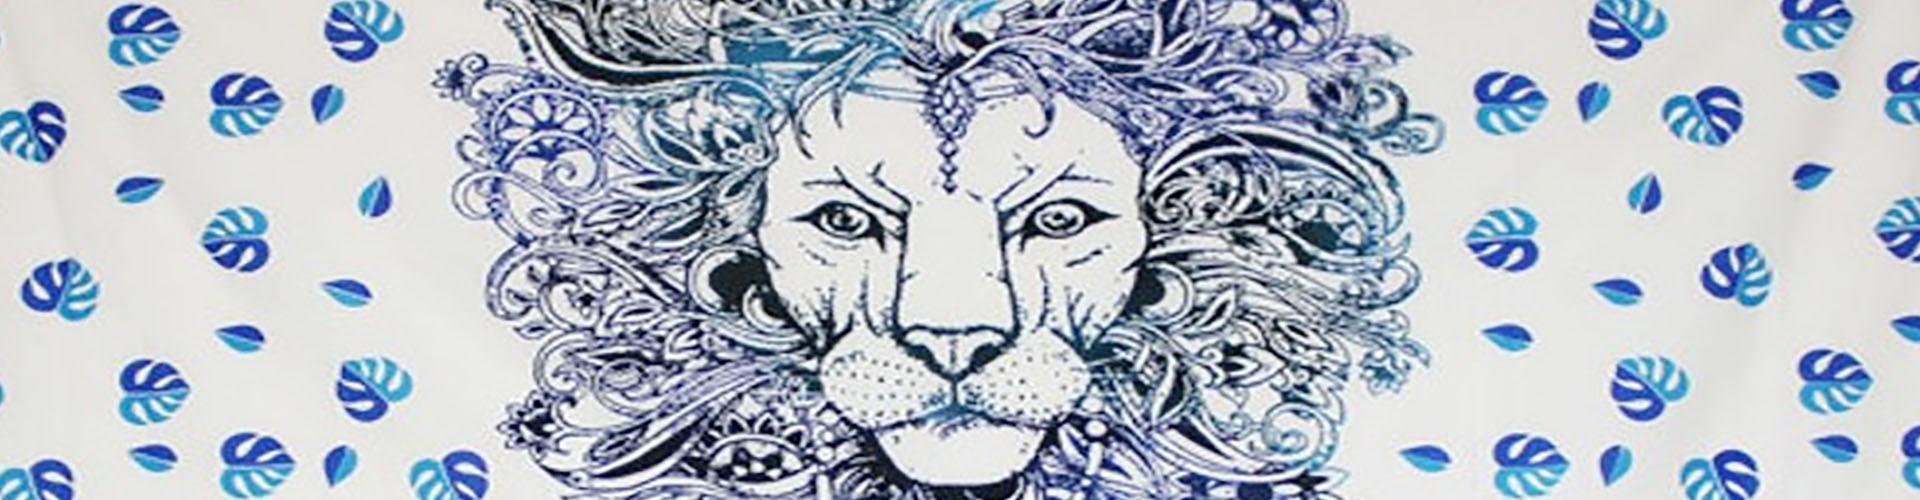 Tenture Animal au motif de lion, éléphant, paon,  tentures animaux